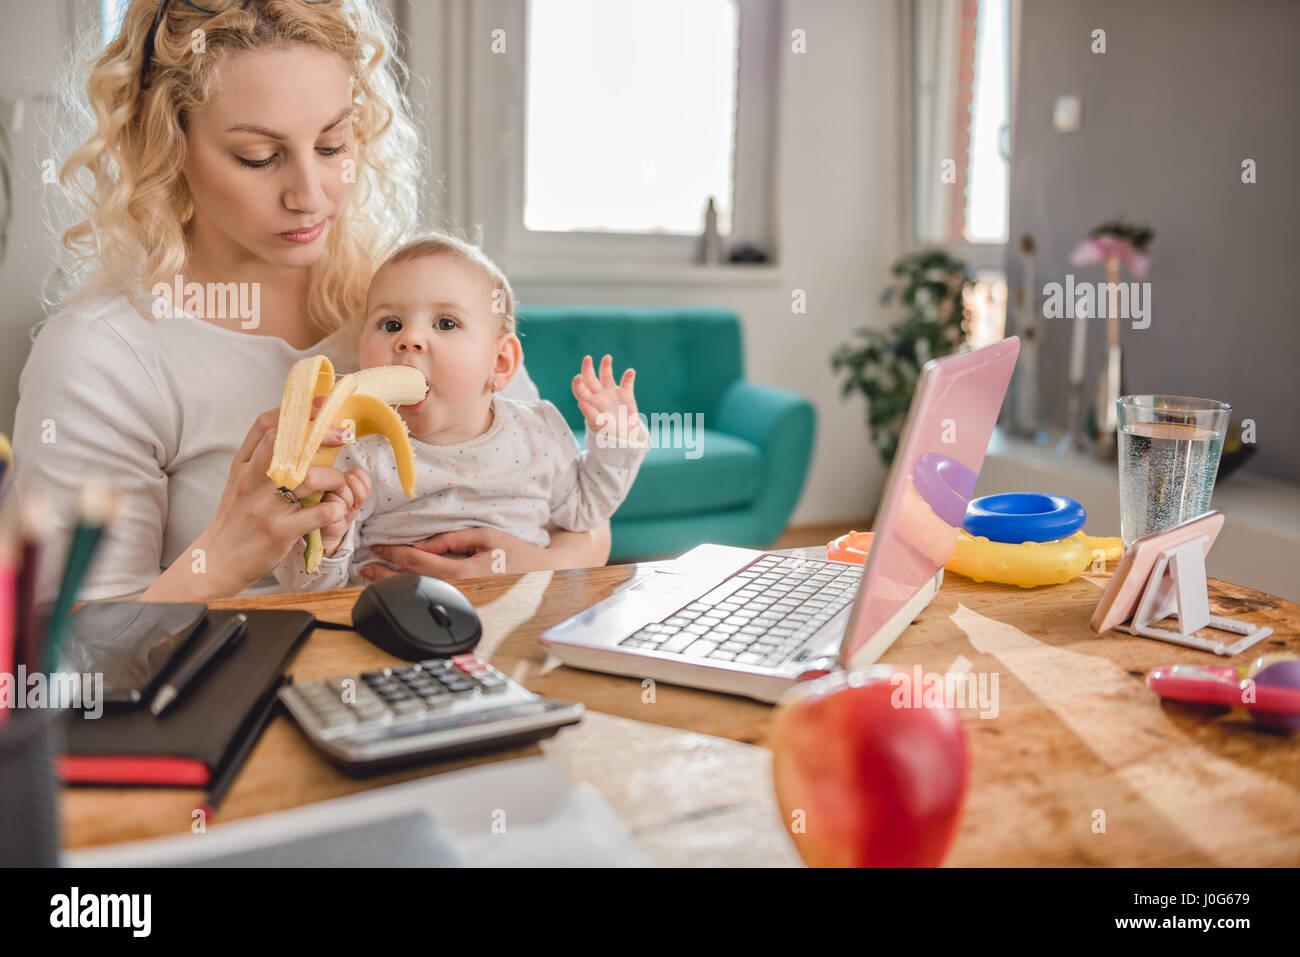 Madre alimentando al bebé en su oficina doméstica con plátano Imagen De Stock